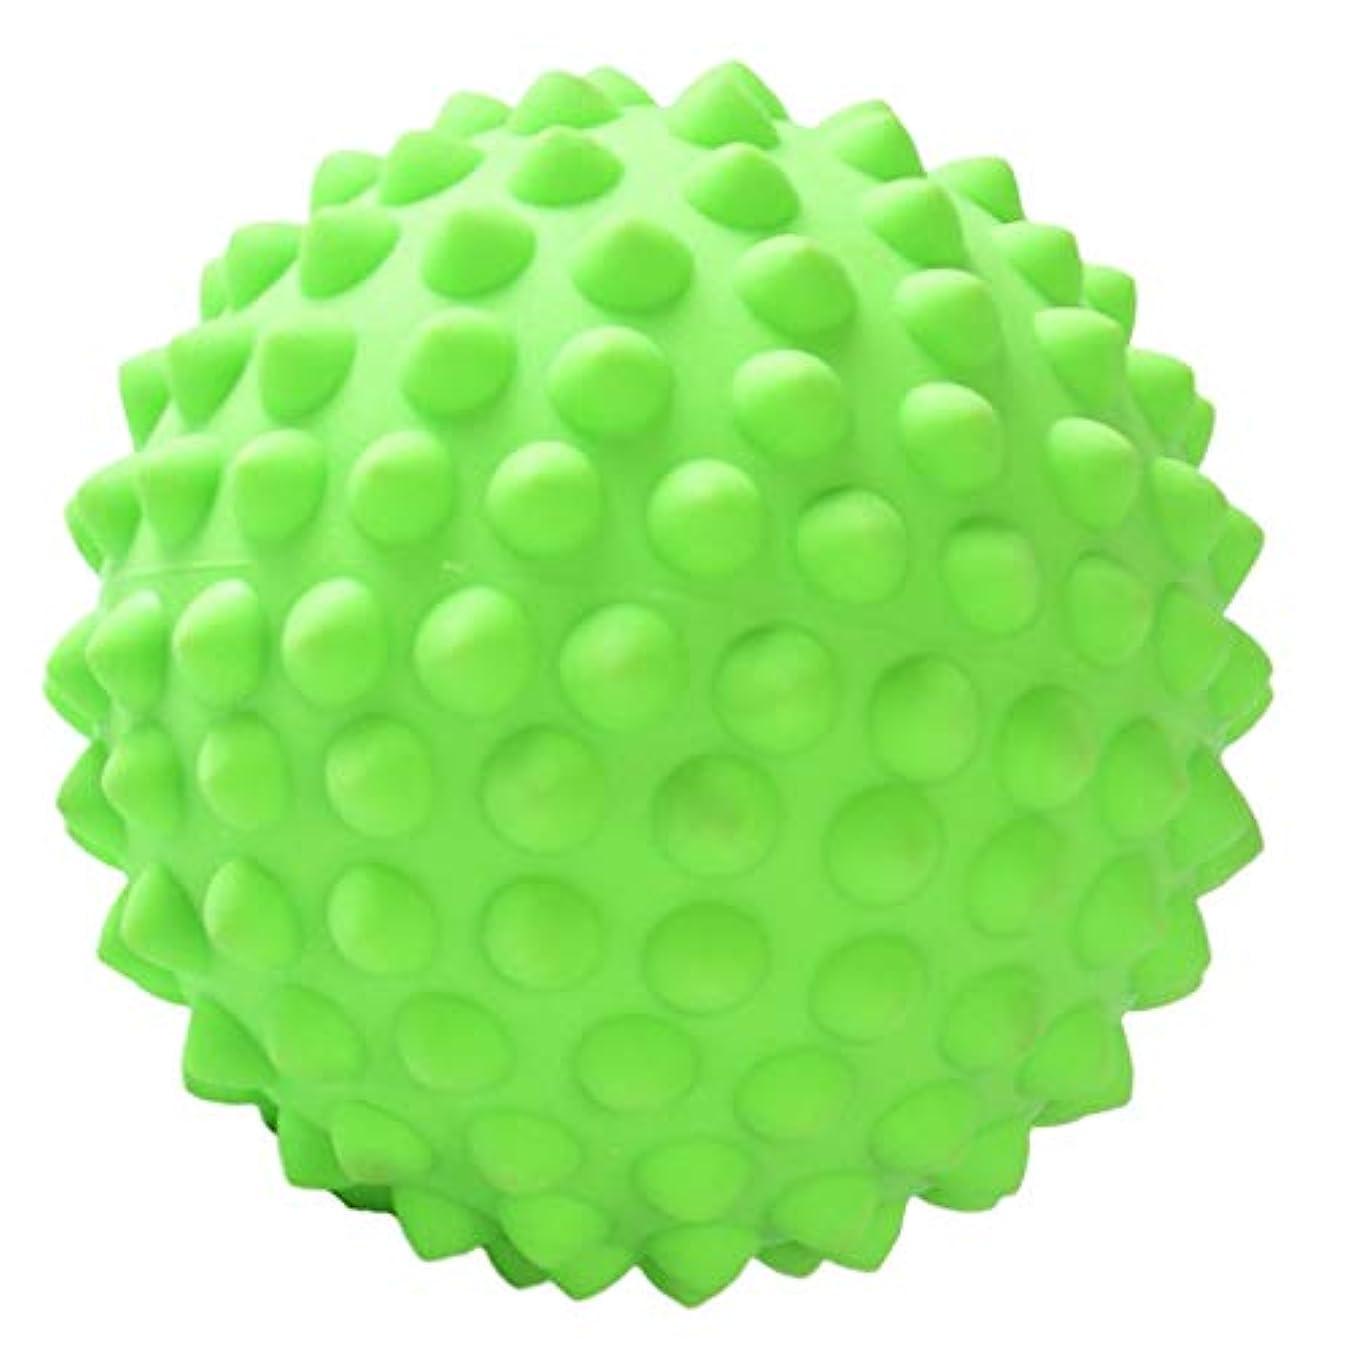 聞く回転する配列chiwanji ハードスパイキーマッサージボールボディディープティッシュリラクゼーション足底筋膜炎の救済 - 緑, 説明のとおり